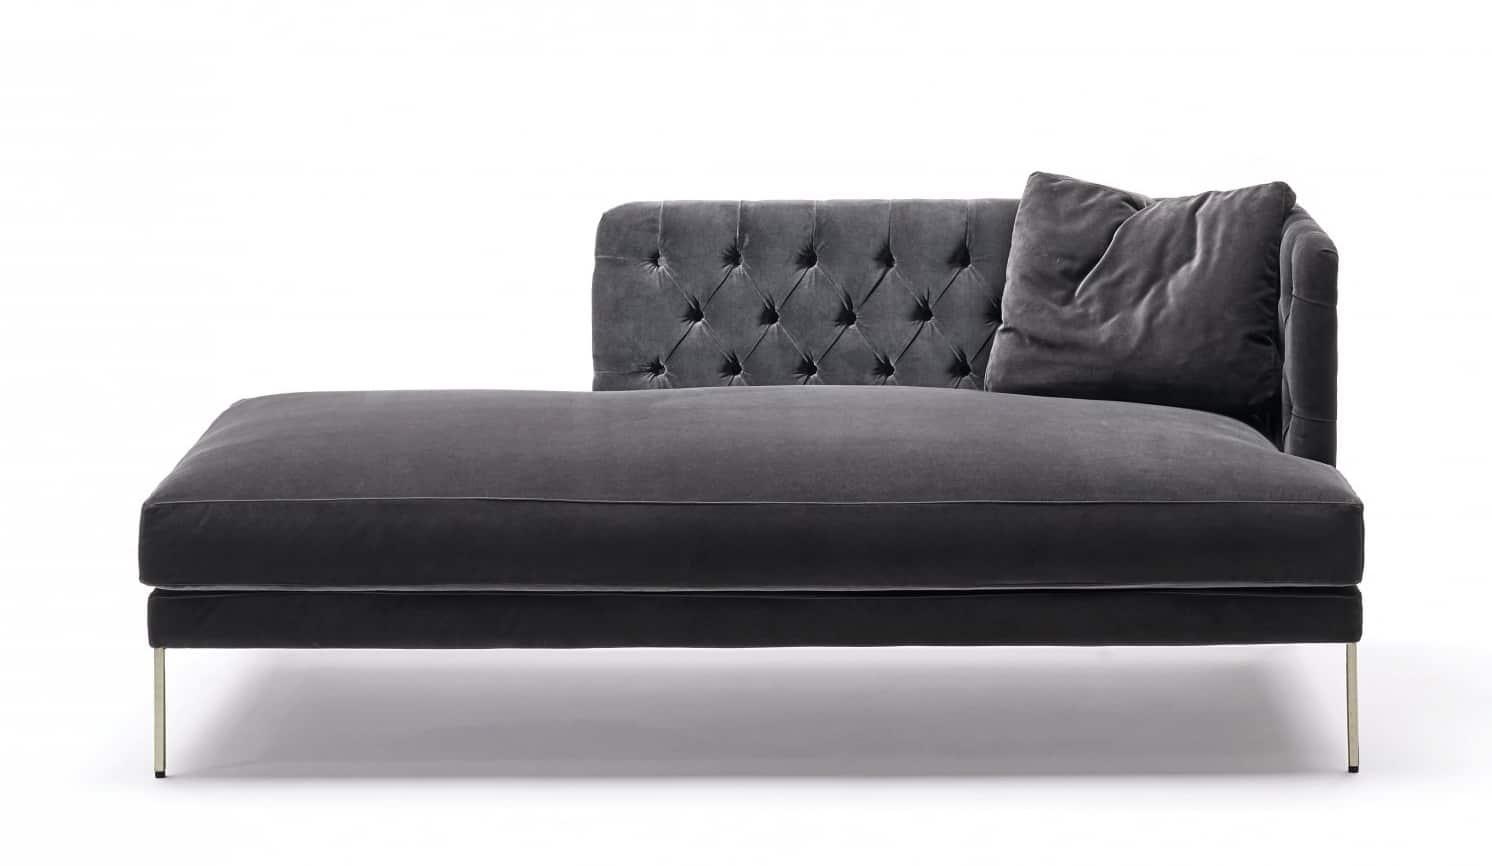 Living Divani, Lipp - Dormeuse avec structure en acier tubulaire verni couleur brunie. Revêtement velours capitonné. 180 x 80 x 75 cm. Design Piero Lissoni. ©Living Divani